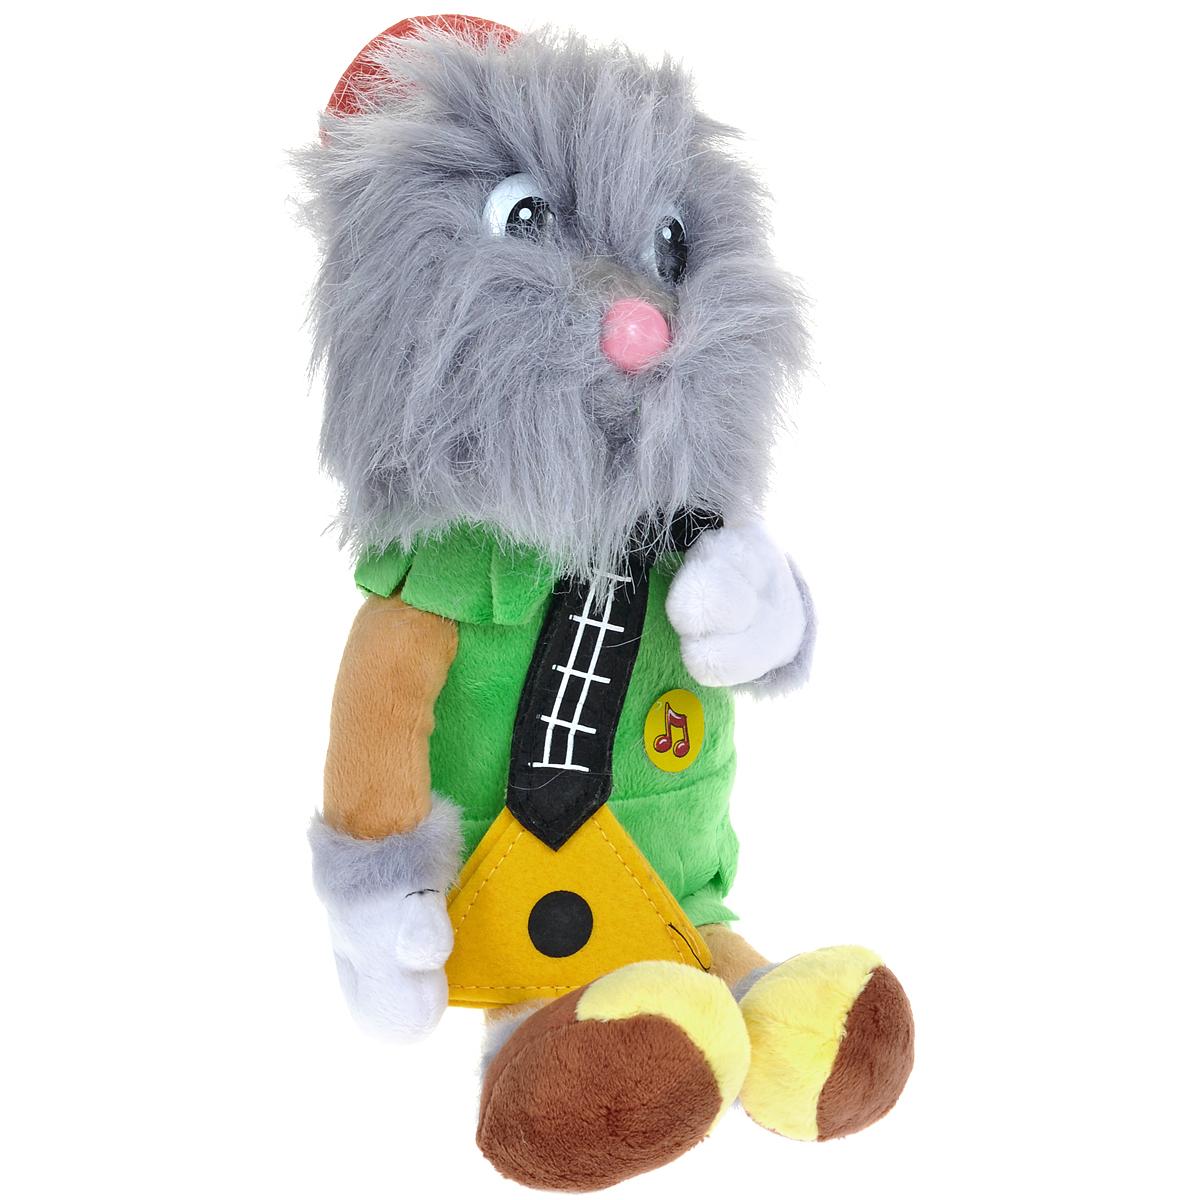 Мягкая озвученная игрушка Мульти-Пульти Домовой Нафаня, 20 смF9-W1551-1Мягкая озвученная игрушка Мульти-Пульти Домовой Нафаня вызовет улыбку у каждого, кто ее увидит! Она выполнена в виде всем известного мультипликационного персонажа - Нафани, который является другом одного известного домовенка - Кузи. Туловище игрушки - мягконабивное, глазки и носик - пластиковые. Одет он в салатовую рубаху и на голове у него красный колпак. Нафаня держит в руках балалайку. Если нажать игрушке на животик, Нафаня произнесет фразы из мультфильма: Привет, я Кузька, домовые мы, счатье в дом приносим, да, Работать буду по совести, за хозяйство не бойся, Родители есть? Присматривай за ними, Я потомственный домовой, А ты сказки знаешь?, А знаешь? Я к тебе уже совсем привык, Блинов хочу со сметаной, Я не жадный, я домовитый, За хозяйством смотреть надо, Сначала здесь весна будет, потом лето - бабочки летают, потом осень, а так постепенно доживем до зимы. Игрушка подарит своему обладателю хорошее настроение и позволит насладиться обществом любимого...